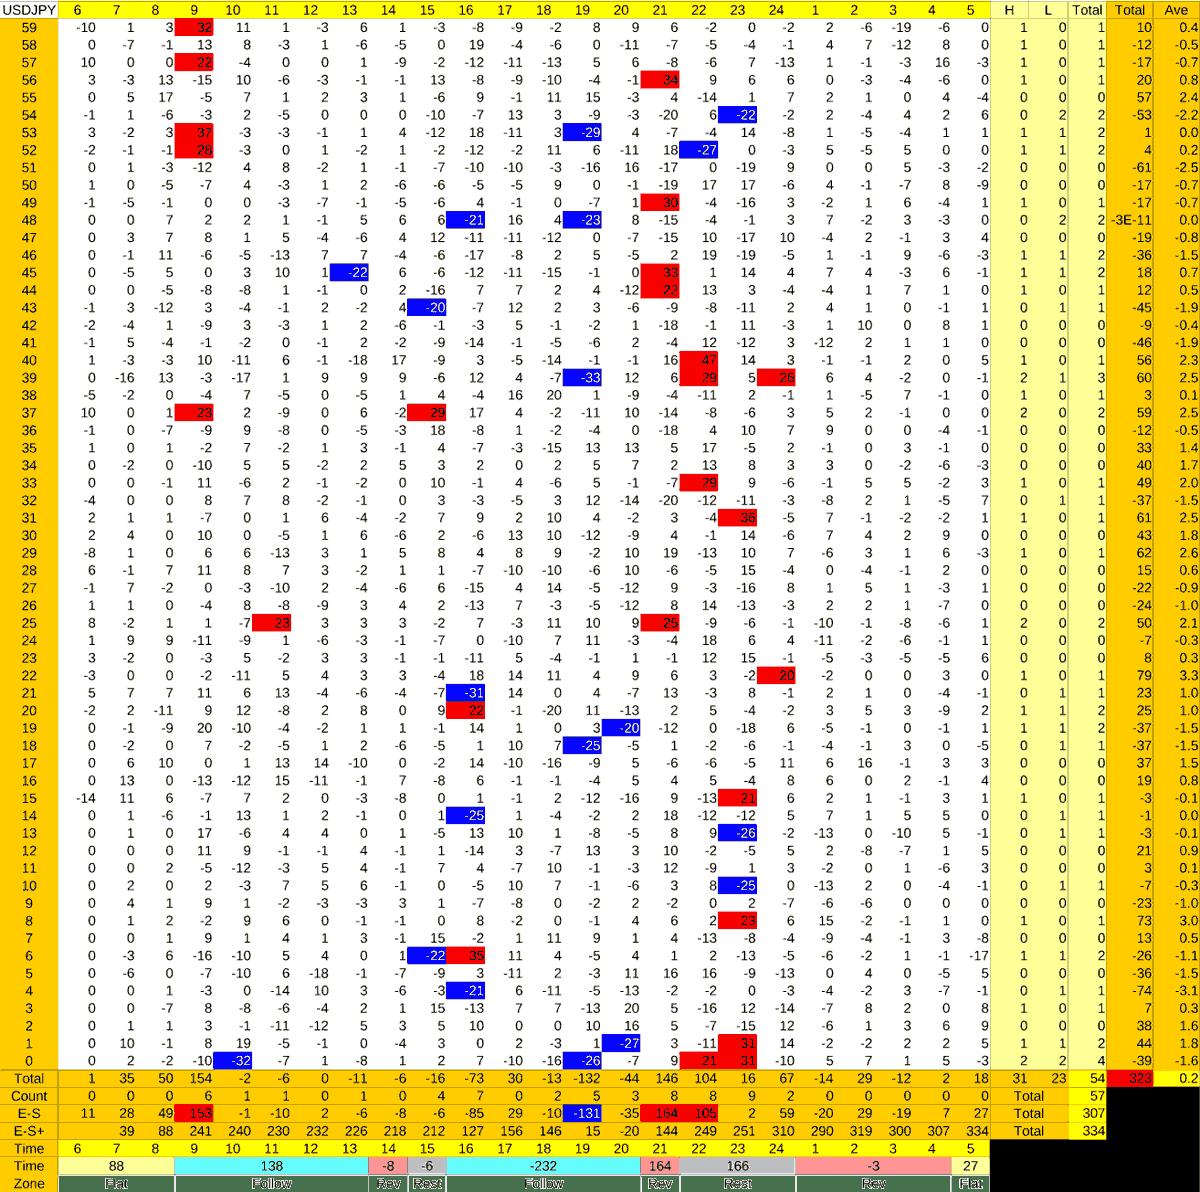 20210805_HS(1)USDJPY-min